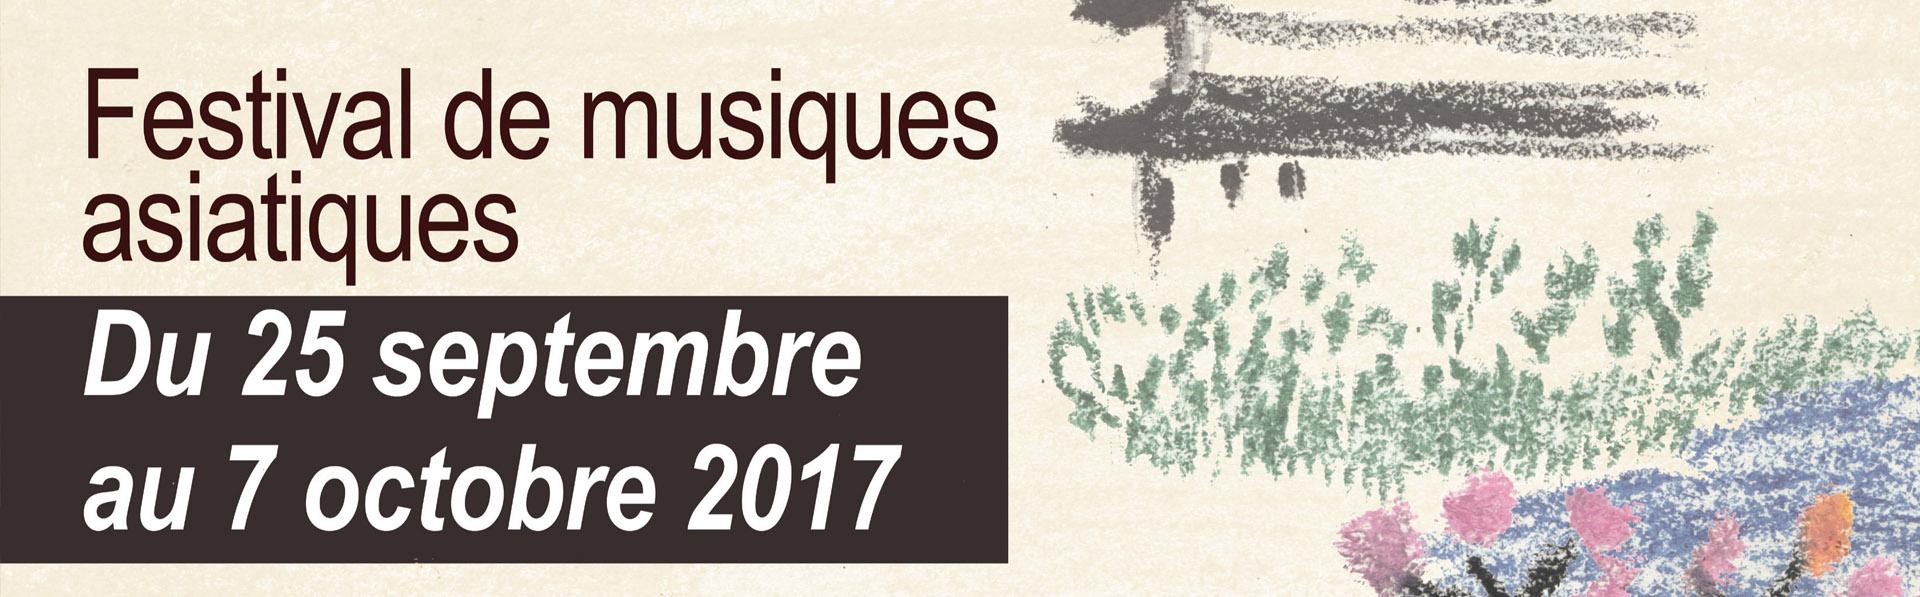 20172009-festival-de-musiques-asiatiques-pour-la-fete-de-la-lune-2017-paris - bannière-Fête-de-la-lunemairie-1-copy.jpg